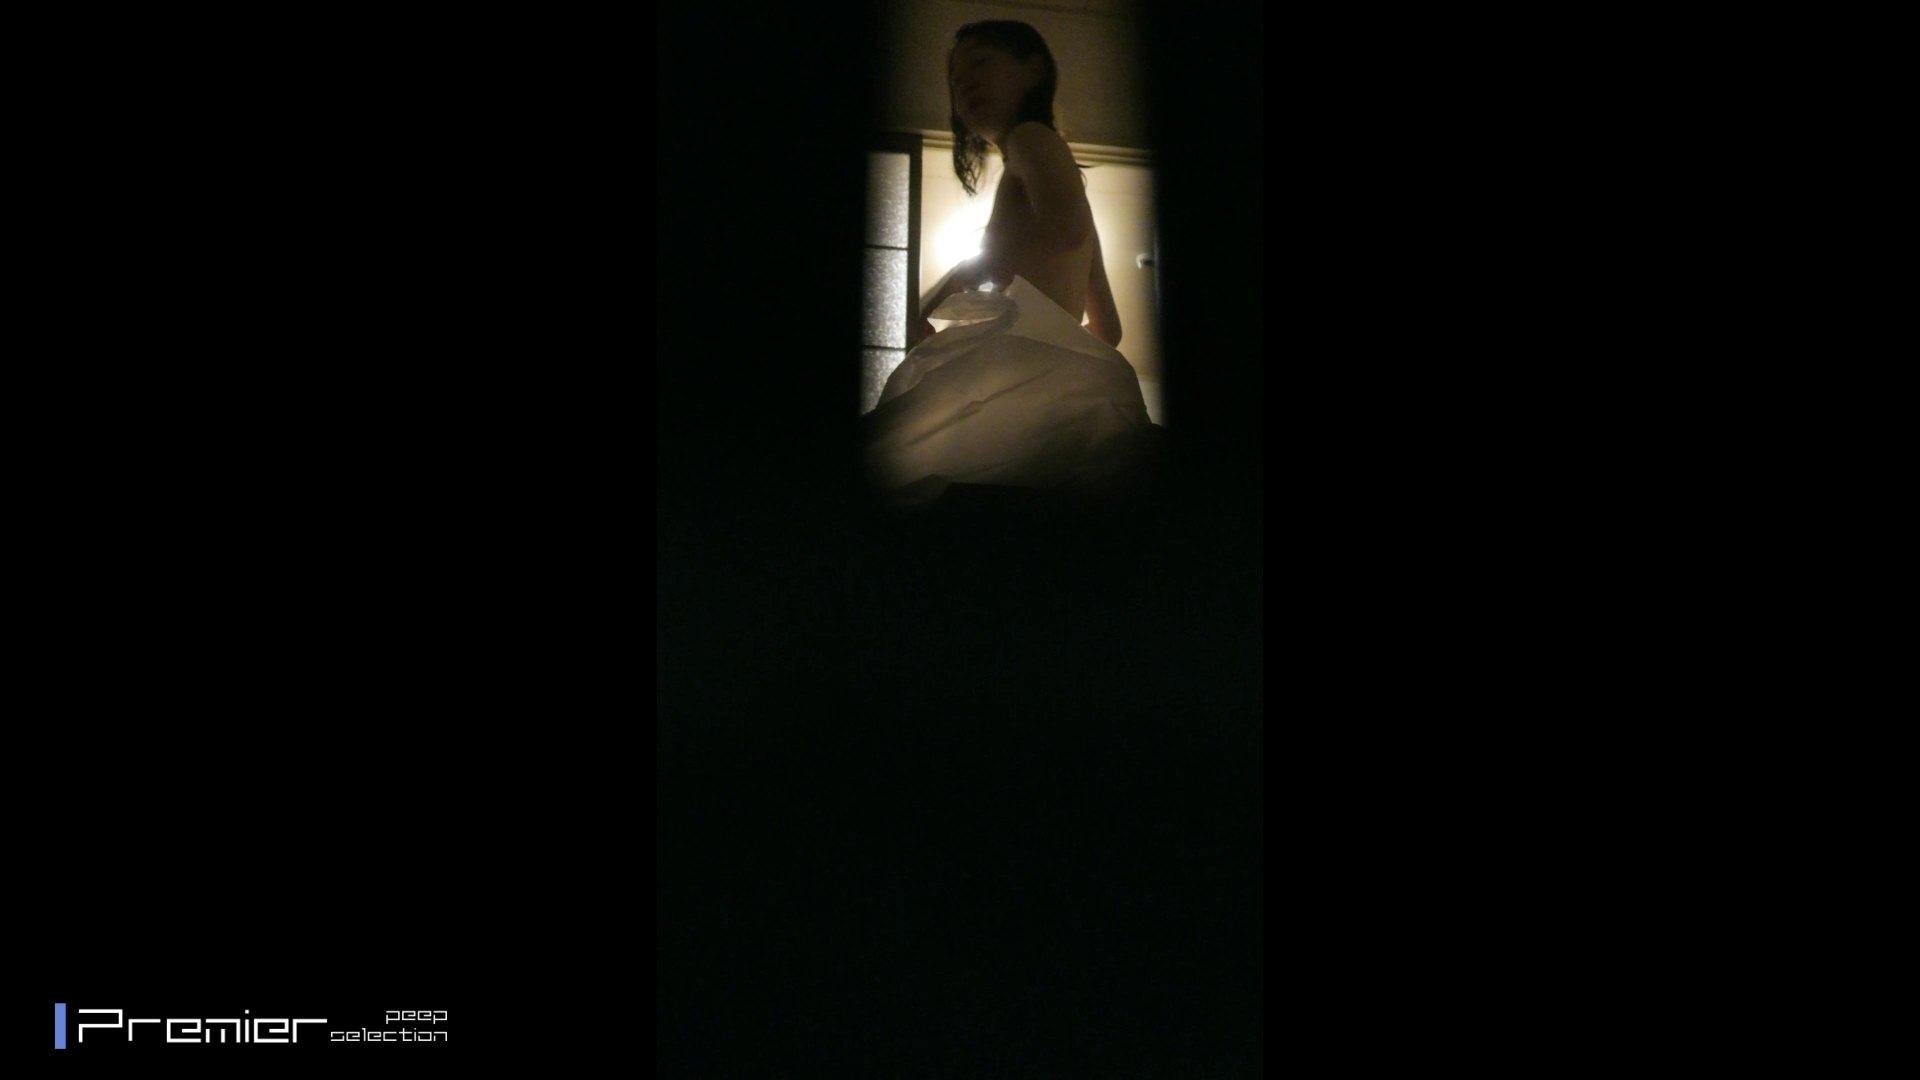 美女達の私生活に潜入!一人暮らし女子大生が見せる入浴前の恥ずかしい姿 入浴中 盗撮 107画像 48